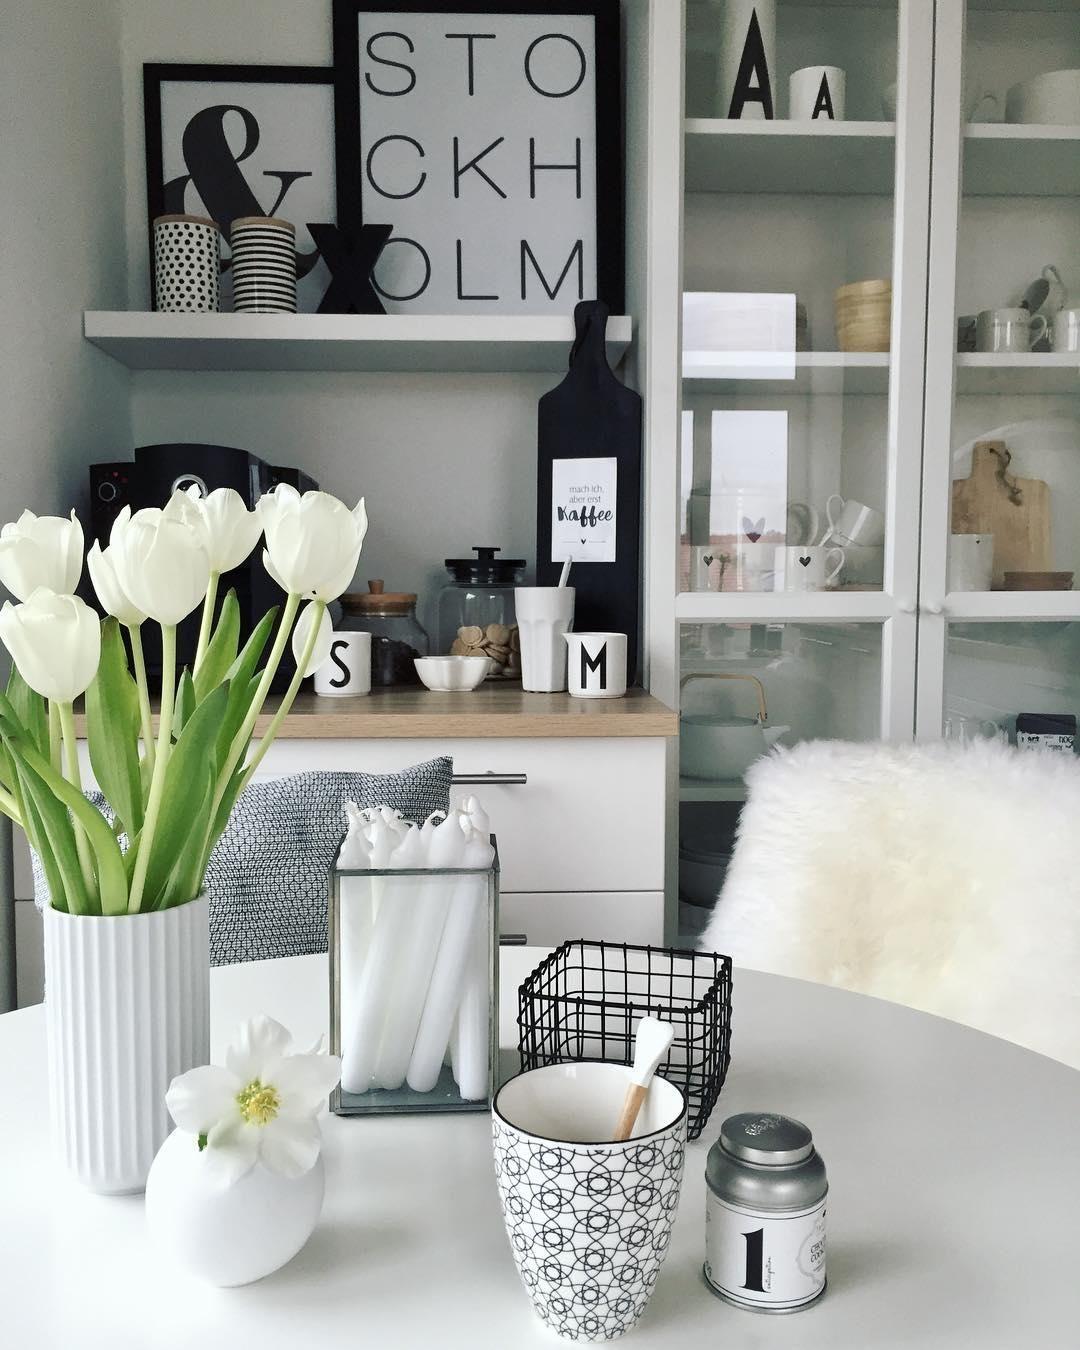 Becher M #küchetisch